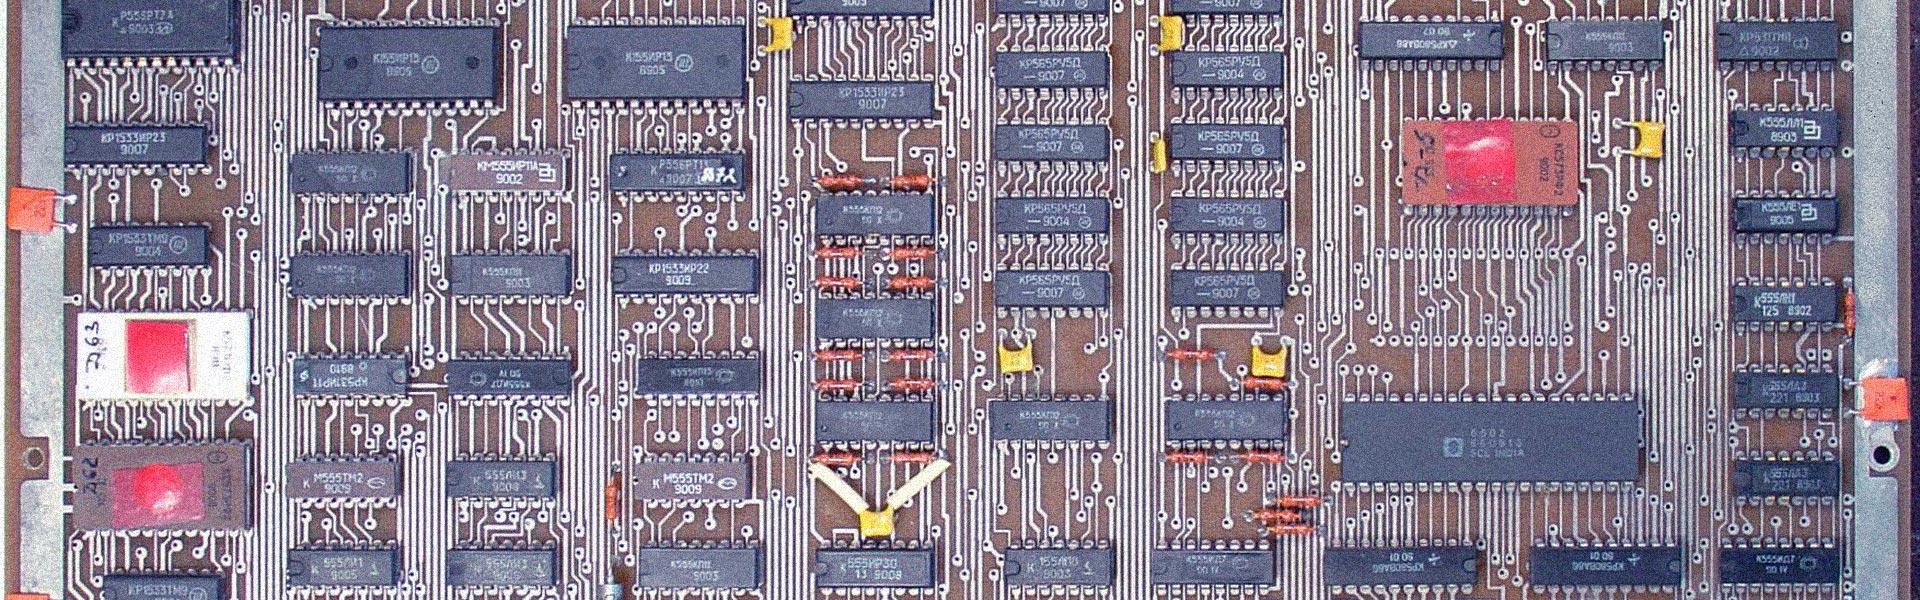 Отечественная электроника: приватизация или регулирование?